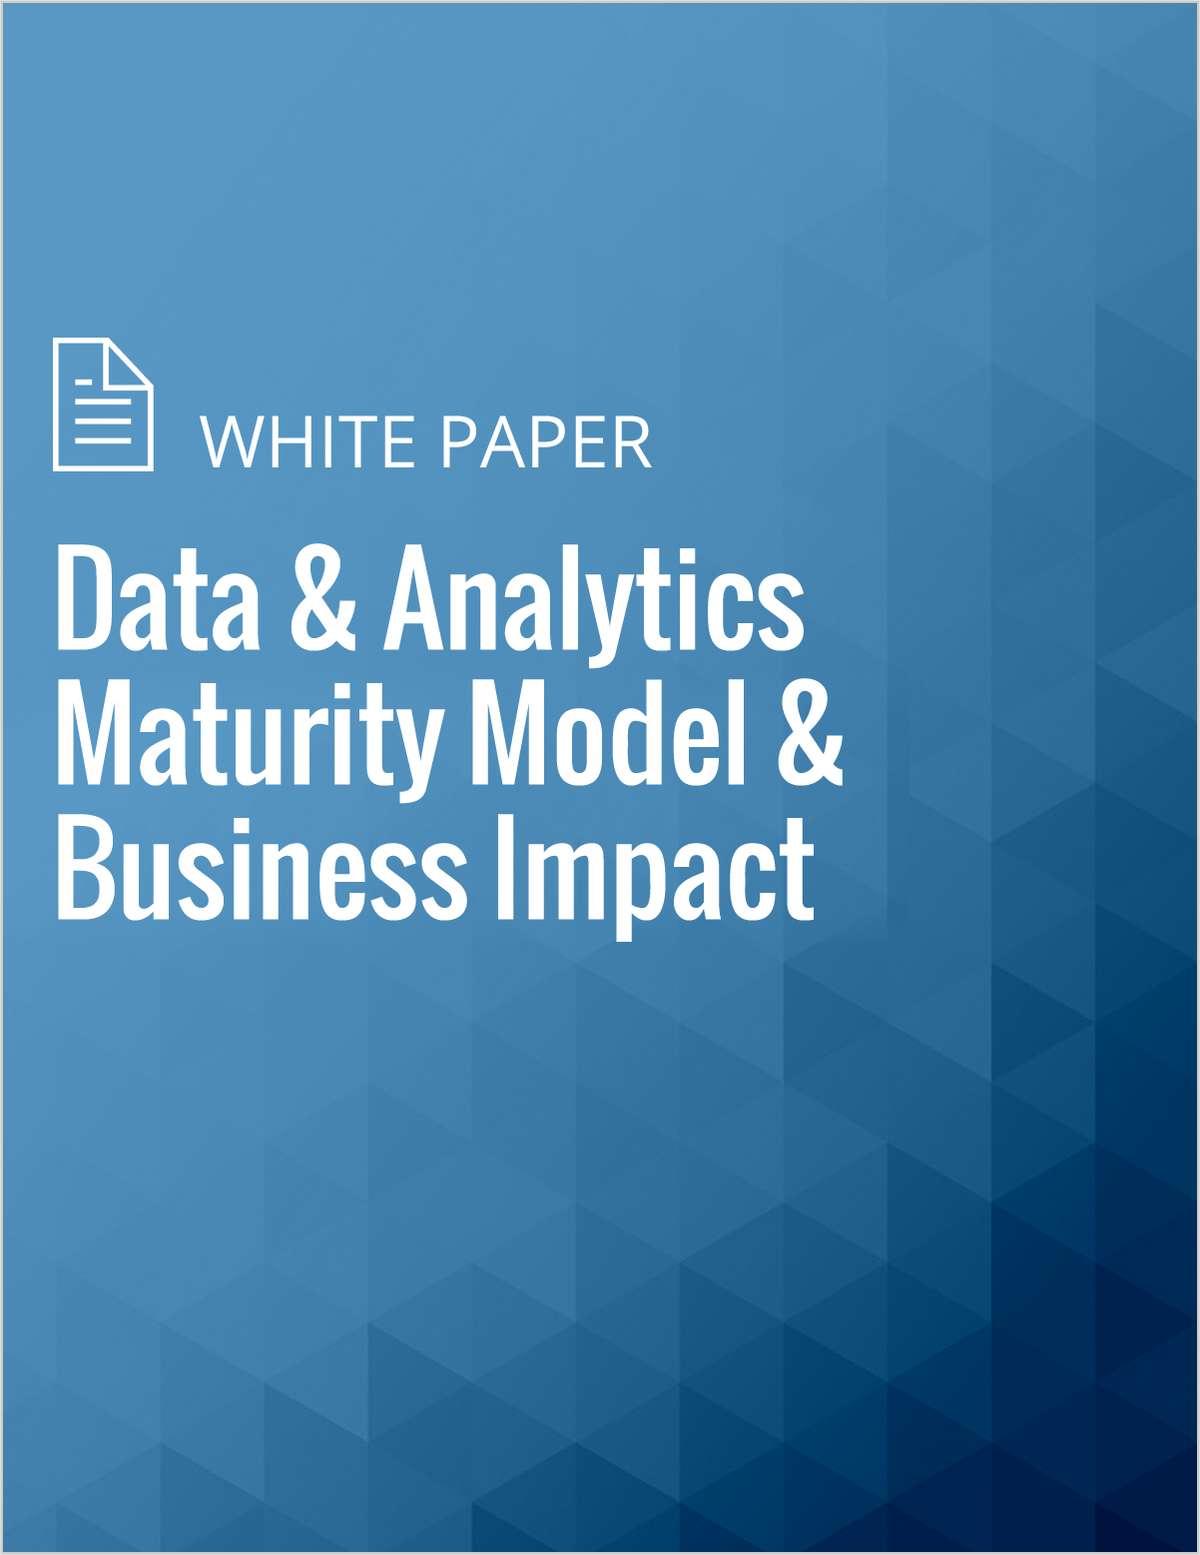 Data & Analytics Maturity Model & Business Impact